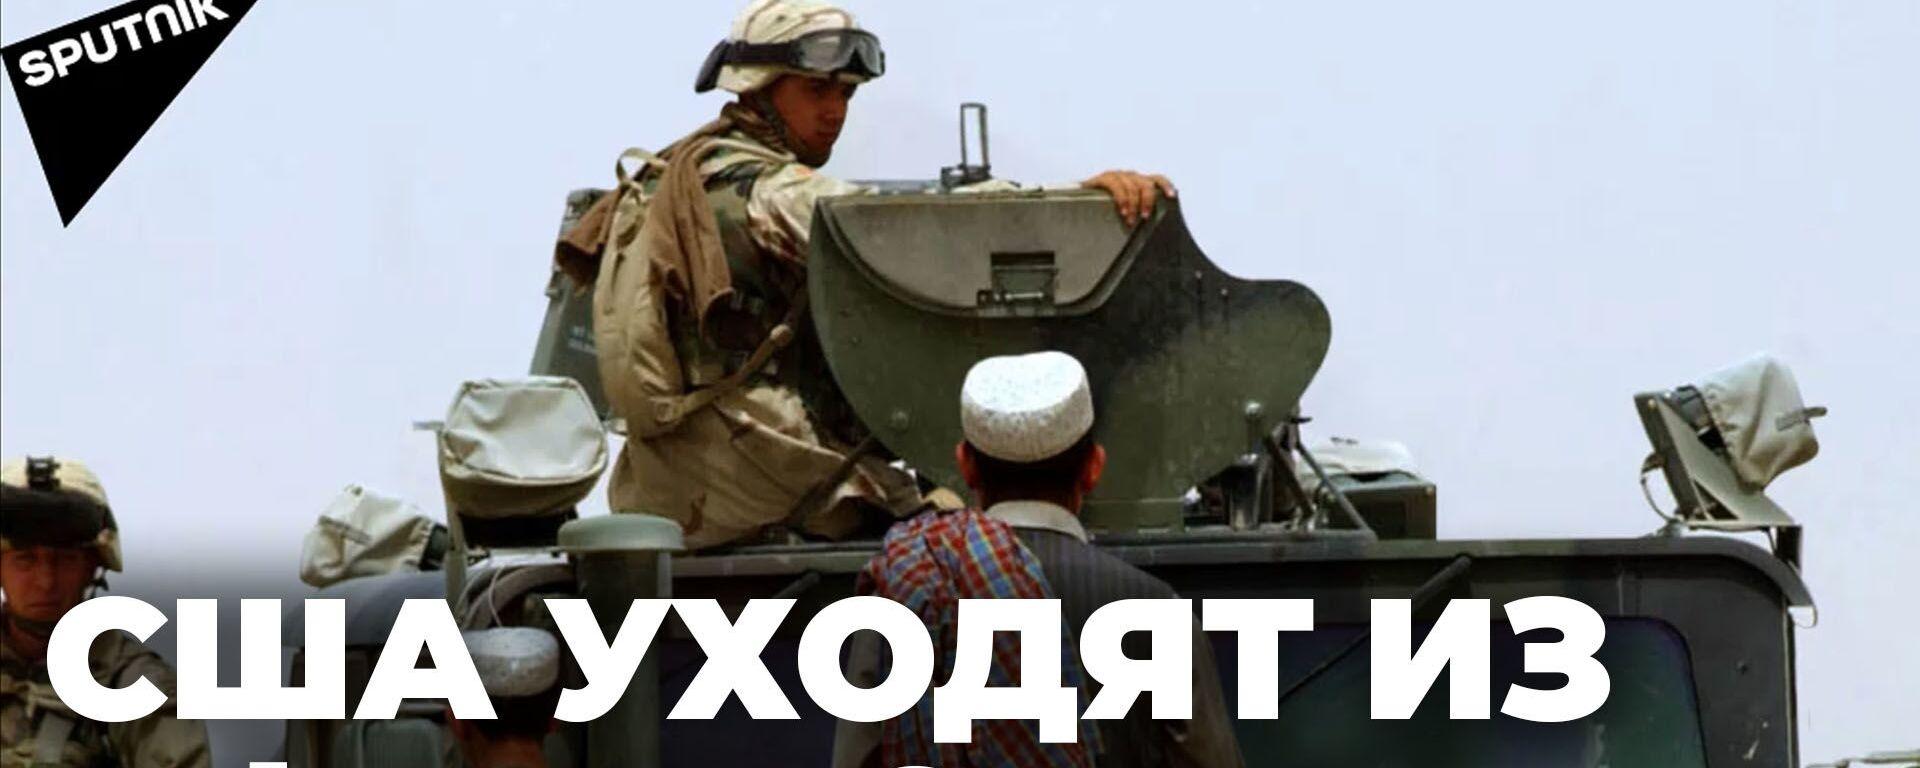 США уходят из Афганистана: террористы и наркотрафик остаются - Sputnik Латвия, 1920, 04.05.2021